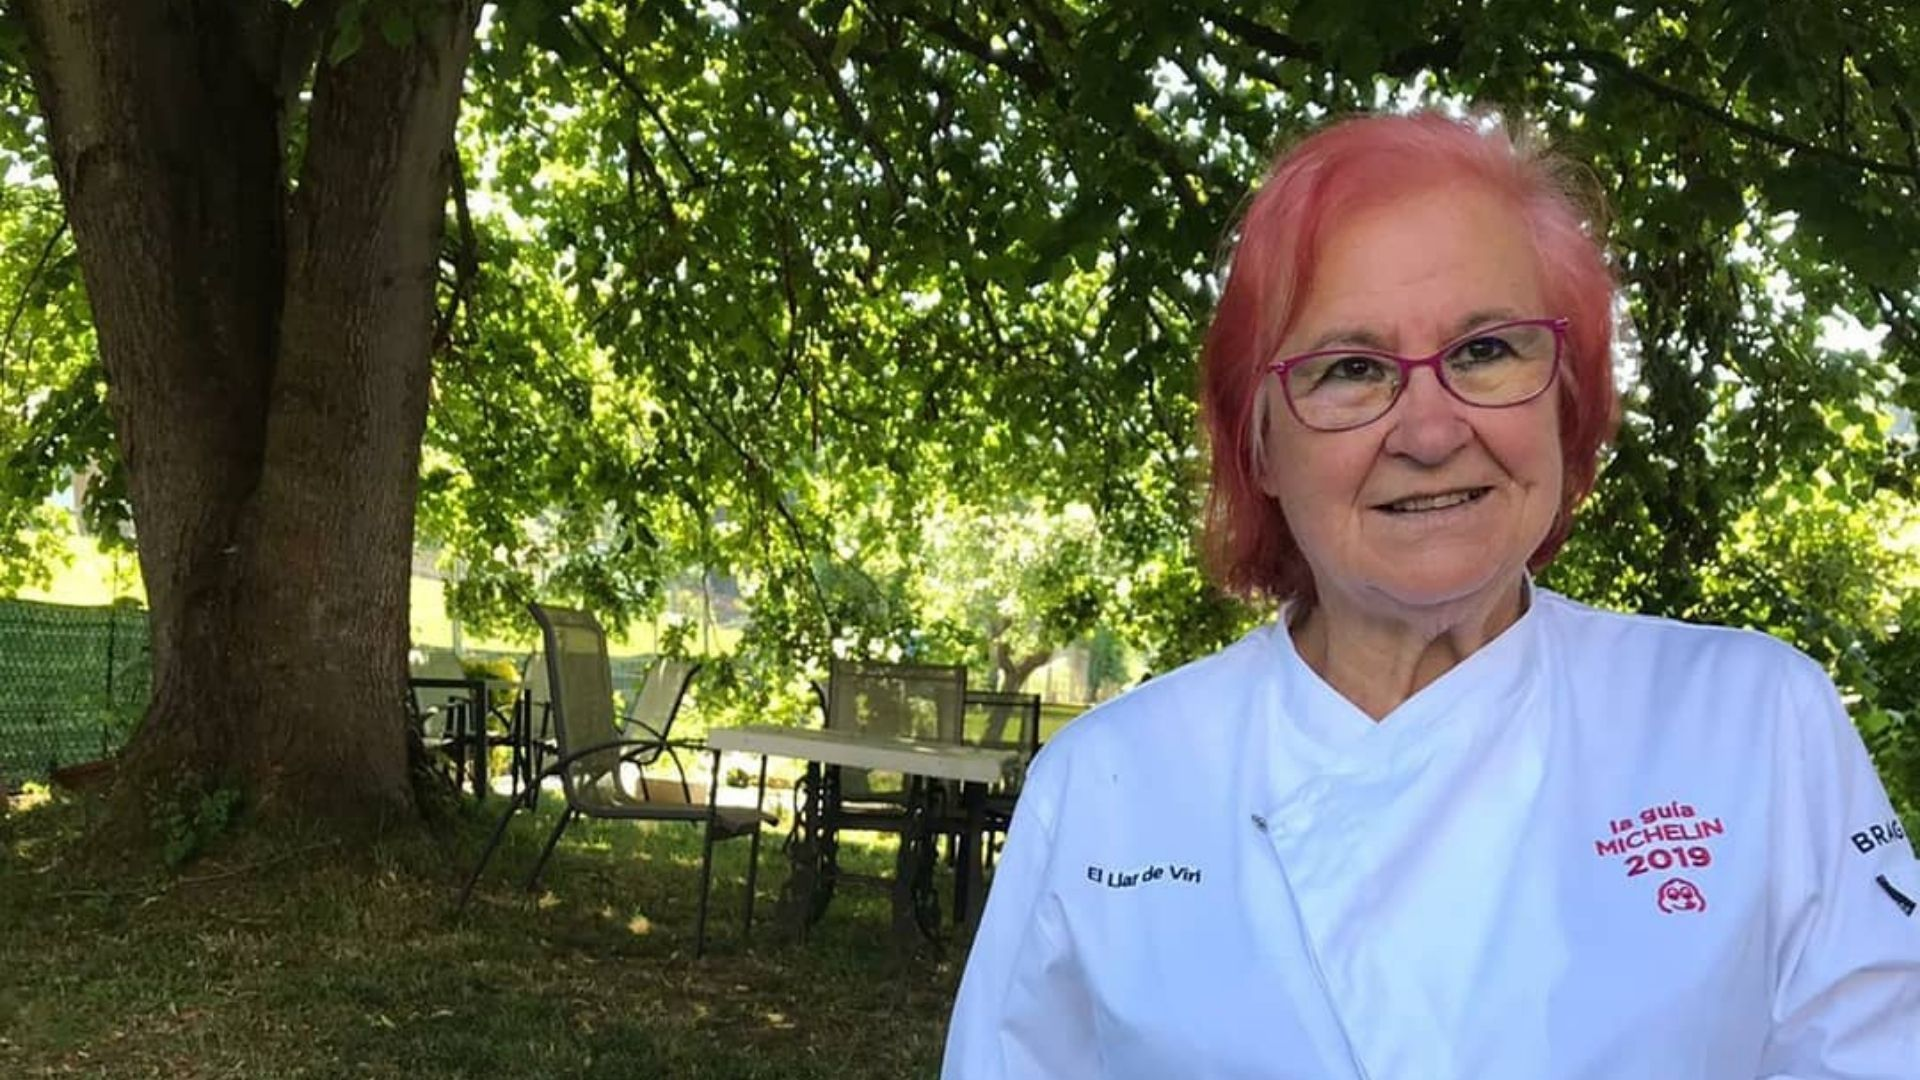 La chef y propietaria de El Llar de Viri, Elvira Fernández